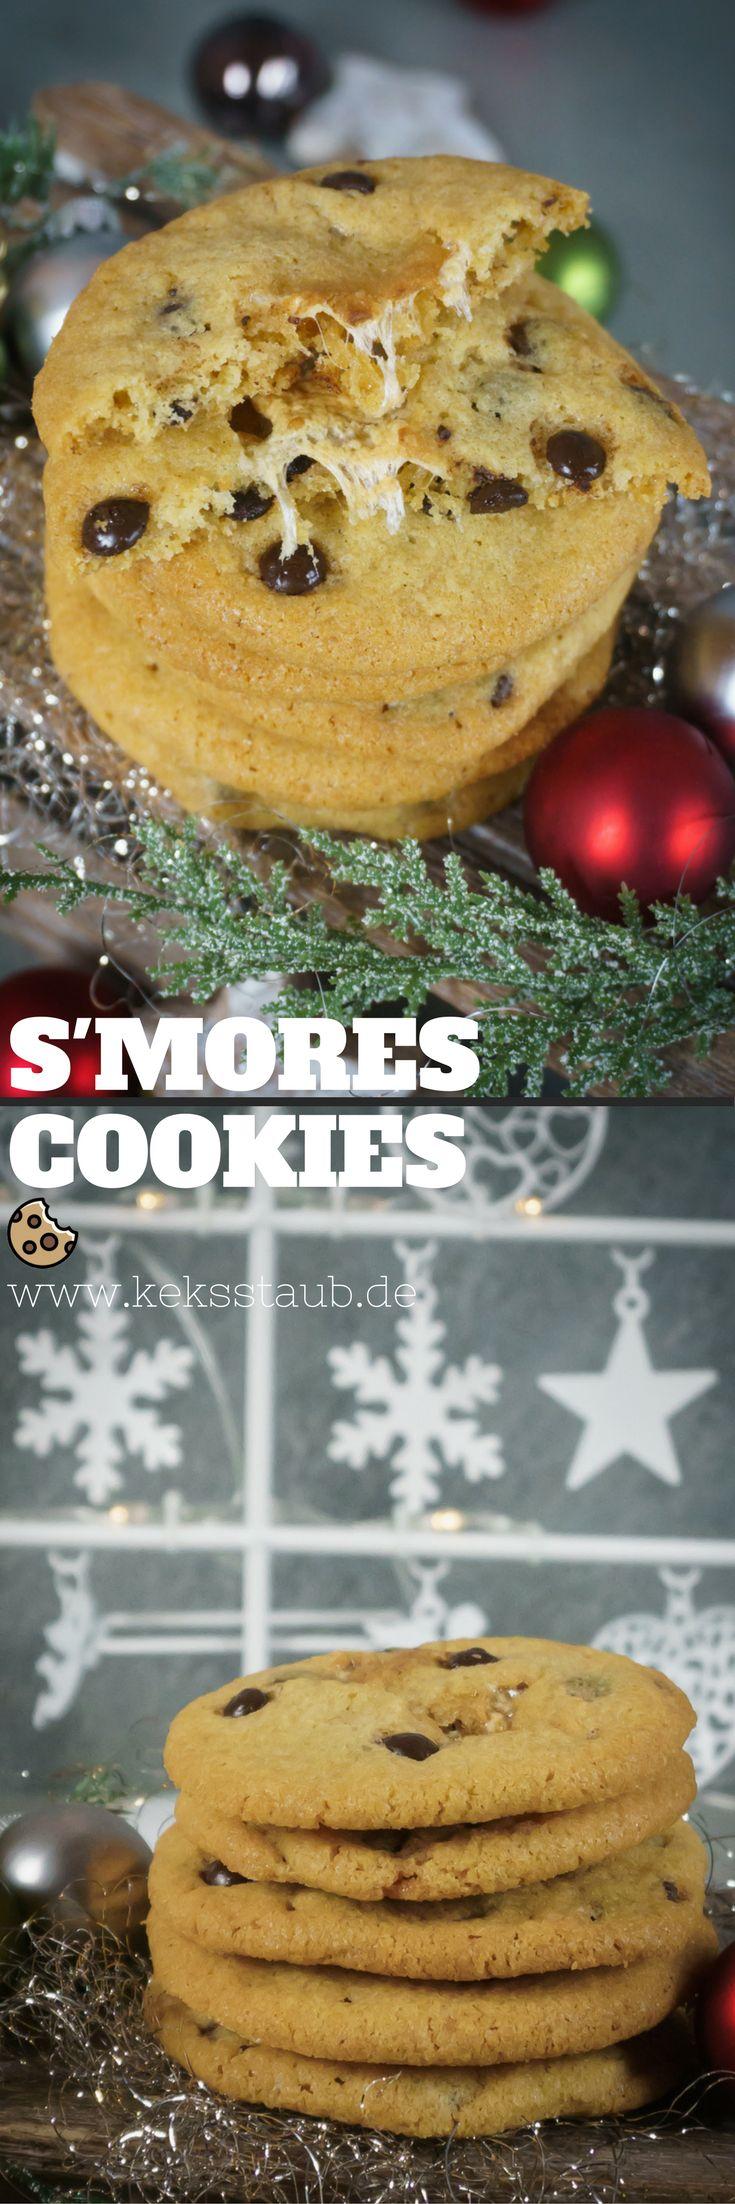 Rezept zum Backen für S'mores Cookies zu Weihnachten - Anleitung mit und ohne Thermomix. #Backen #Smores #Cookies #Plätzchen